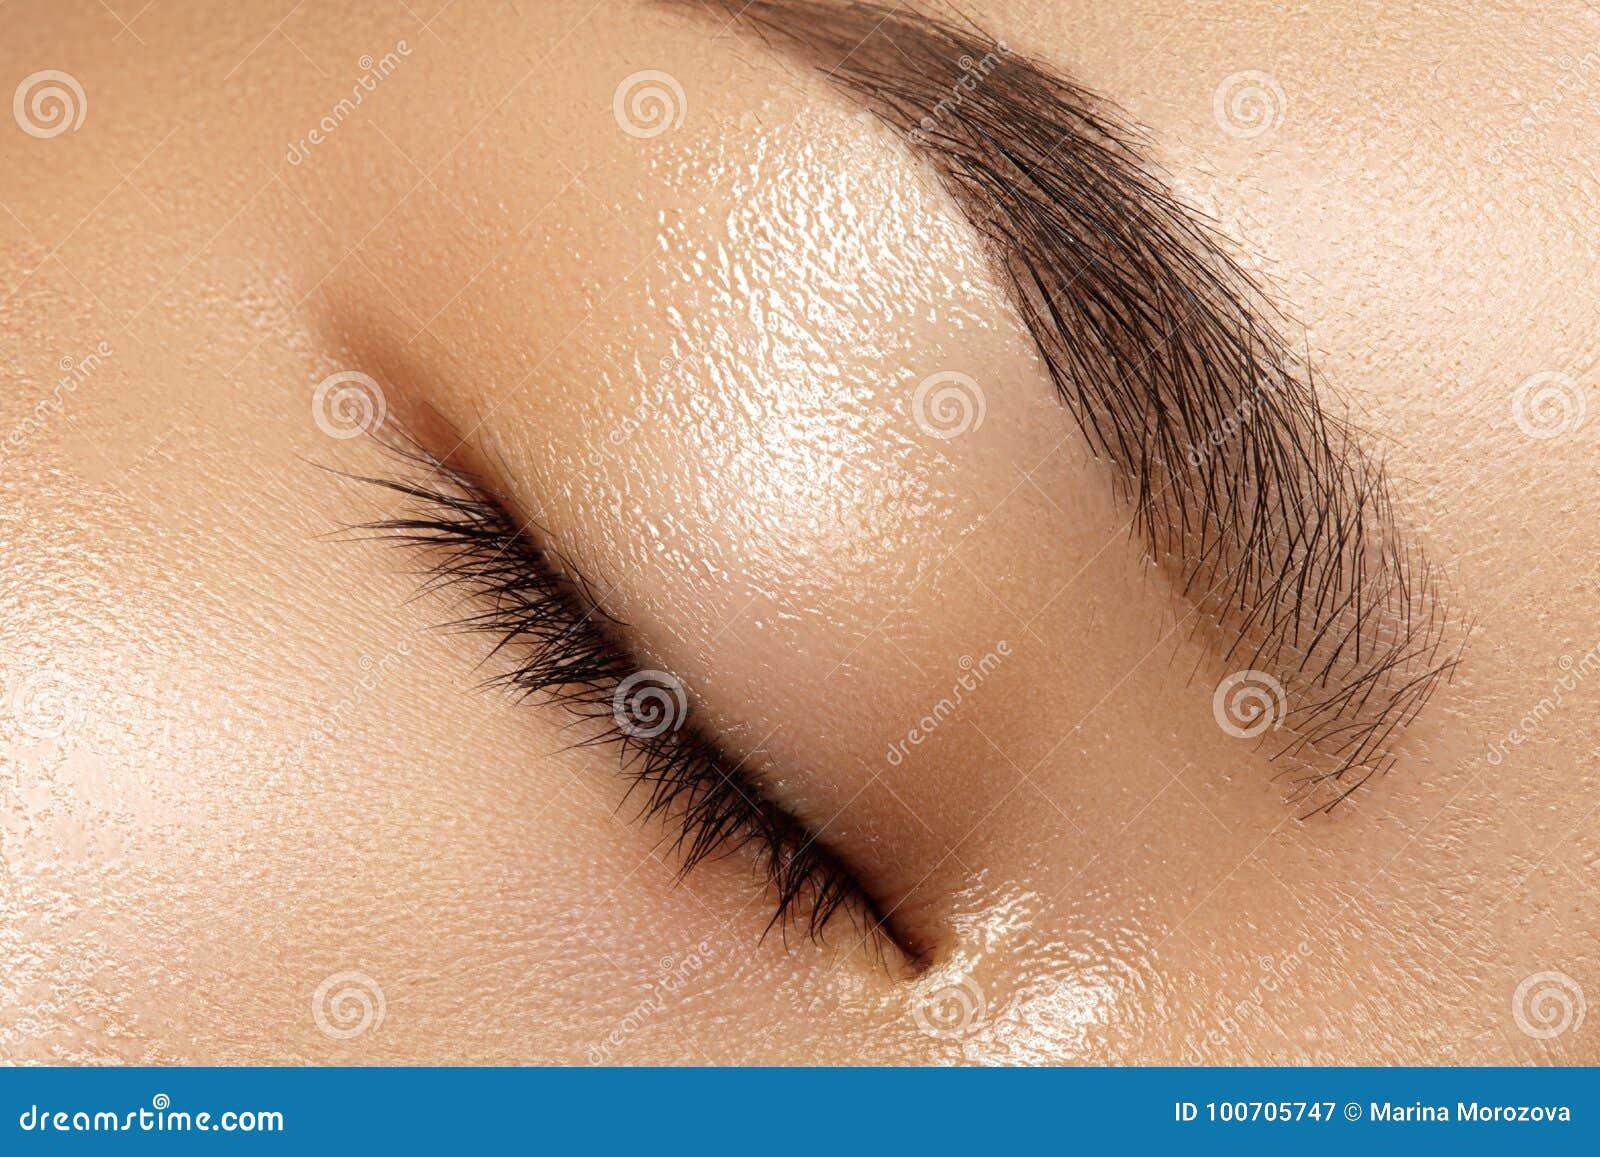 Härlig makro av det kvinnliga ögat med ren makeup Göra perfekt formögonbryn Skönhetsmedel och smink Omsorg om ögon